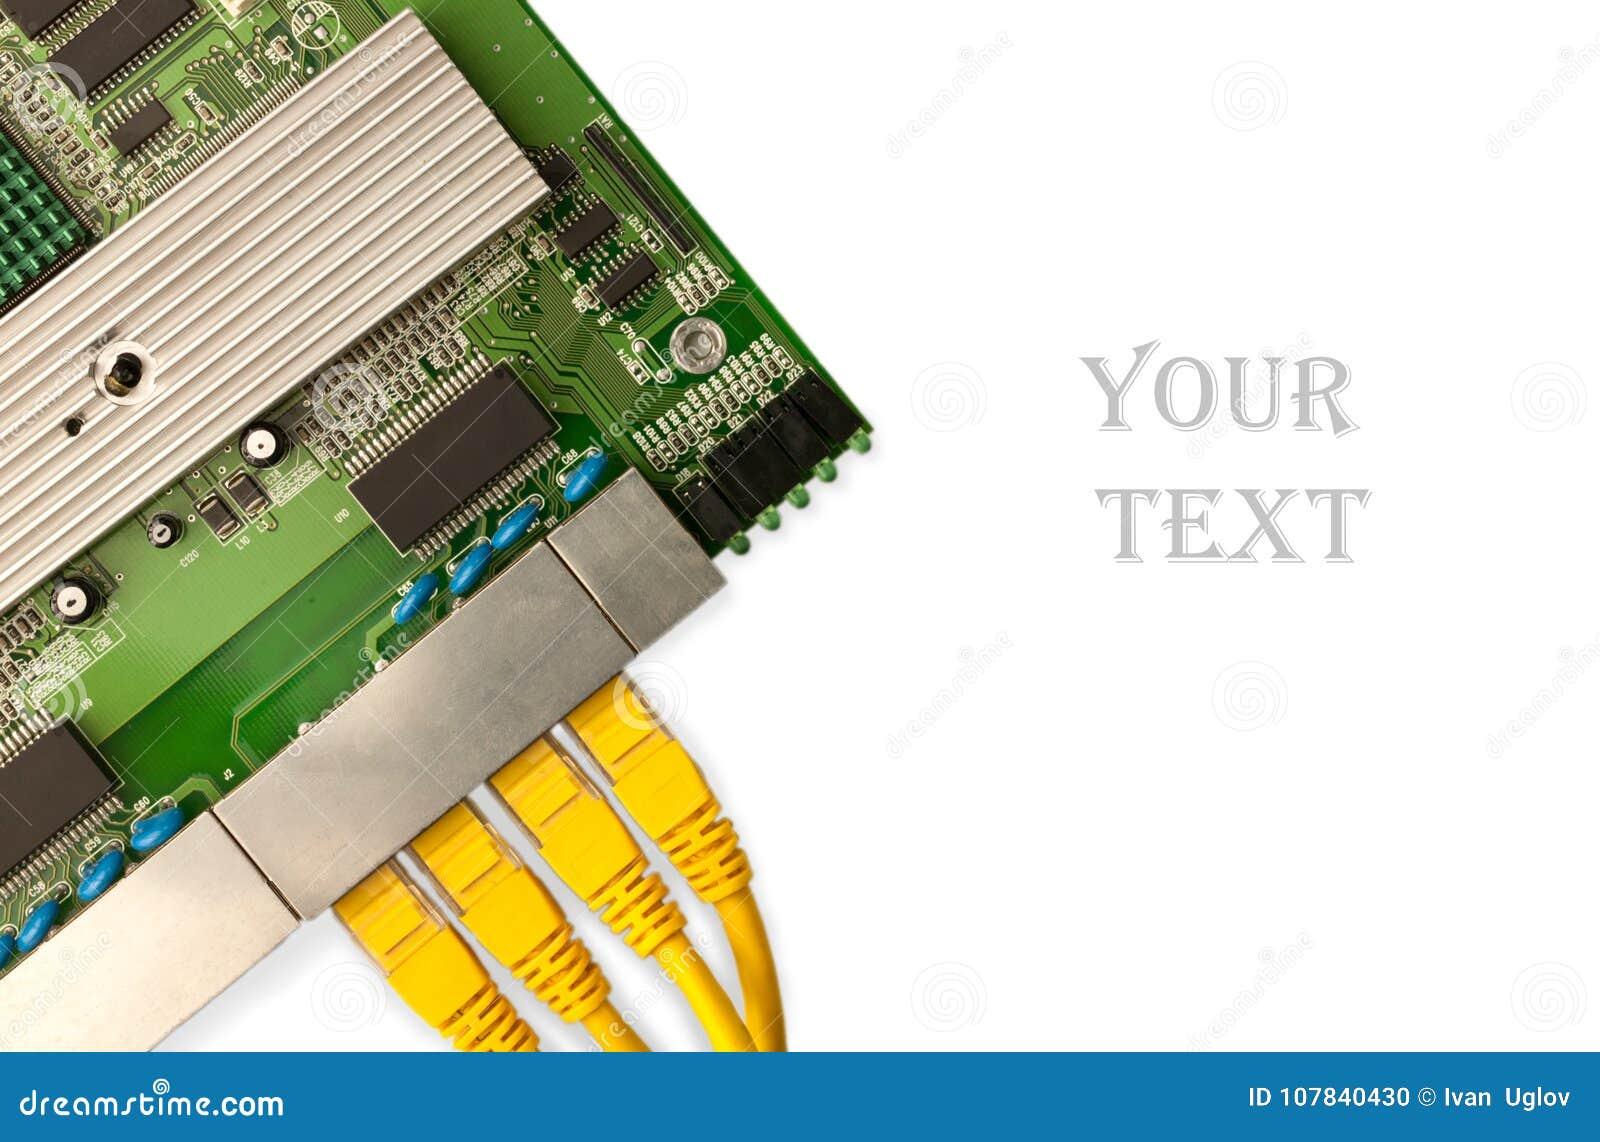 Placa de interruptor dos ethernet com opinião superior amarela de cabos de remendo